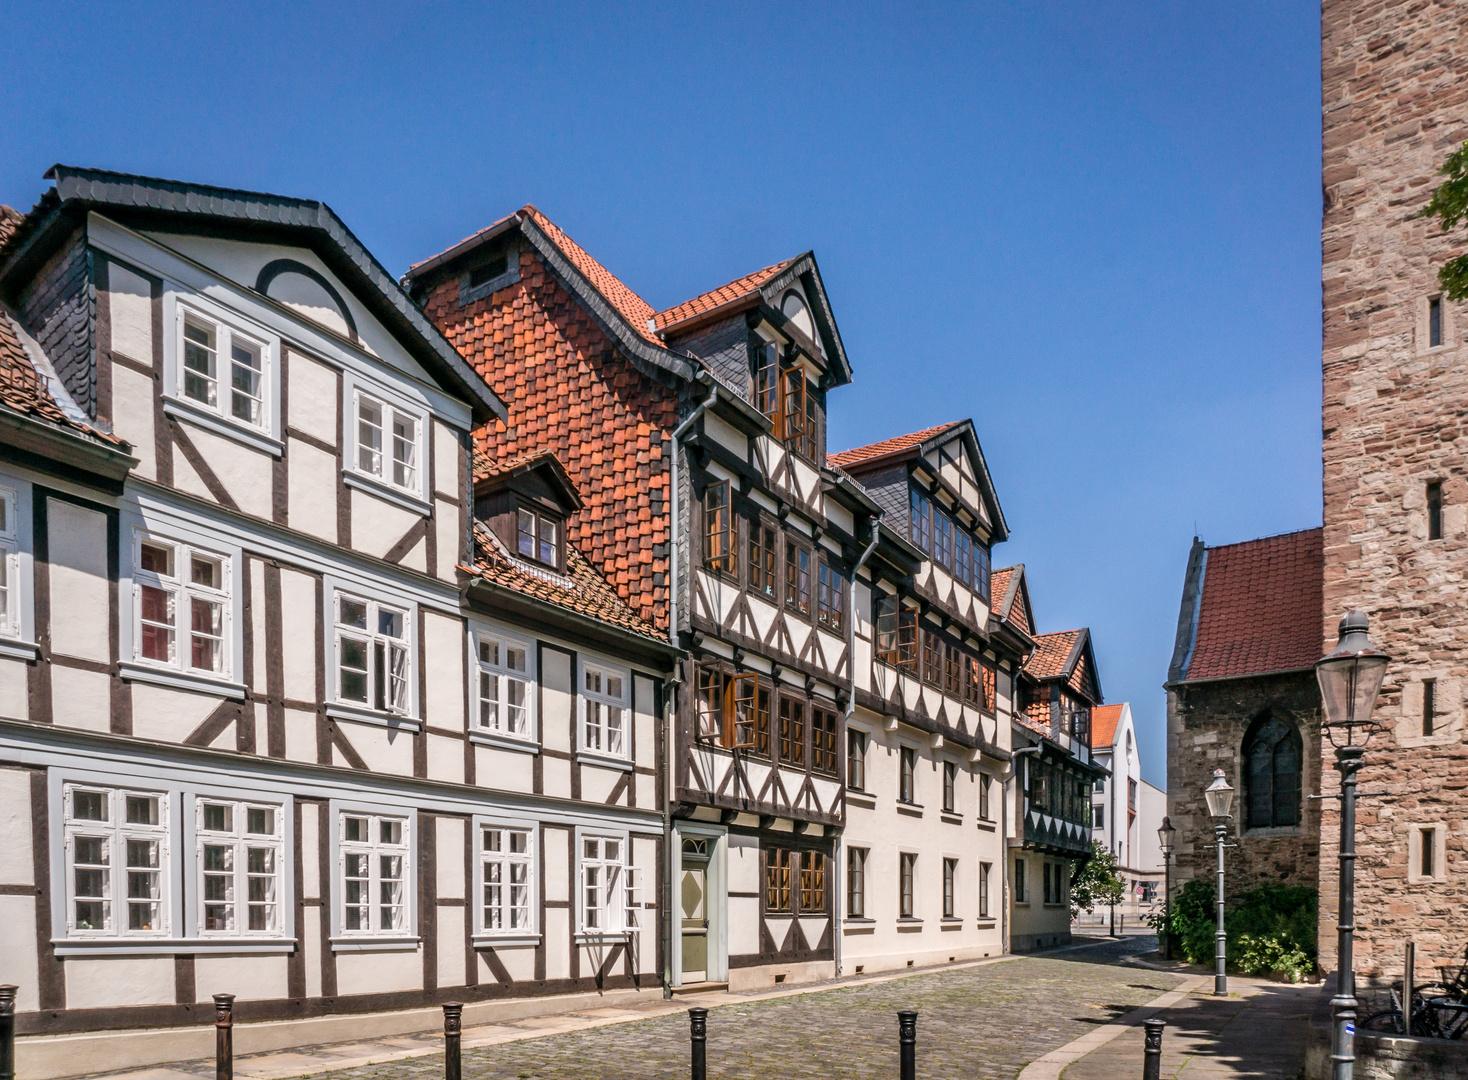 Magniviertel Ii Braunschweig Foto Bild Altstadt Fachwerk